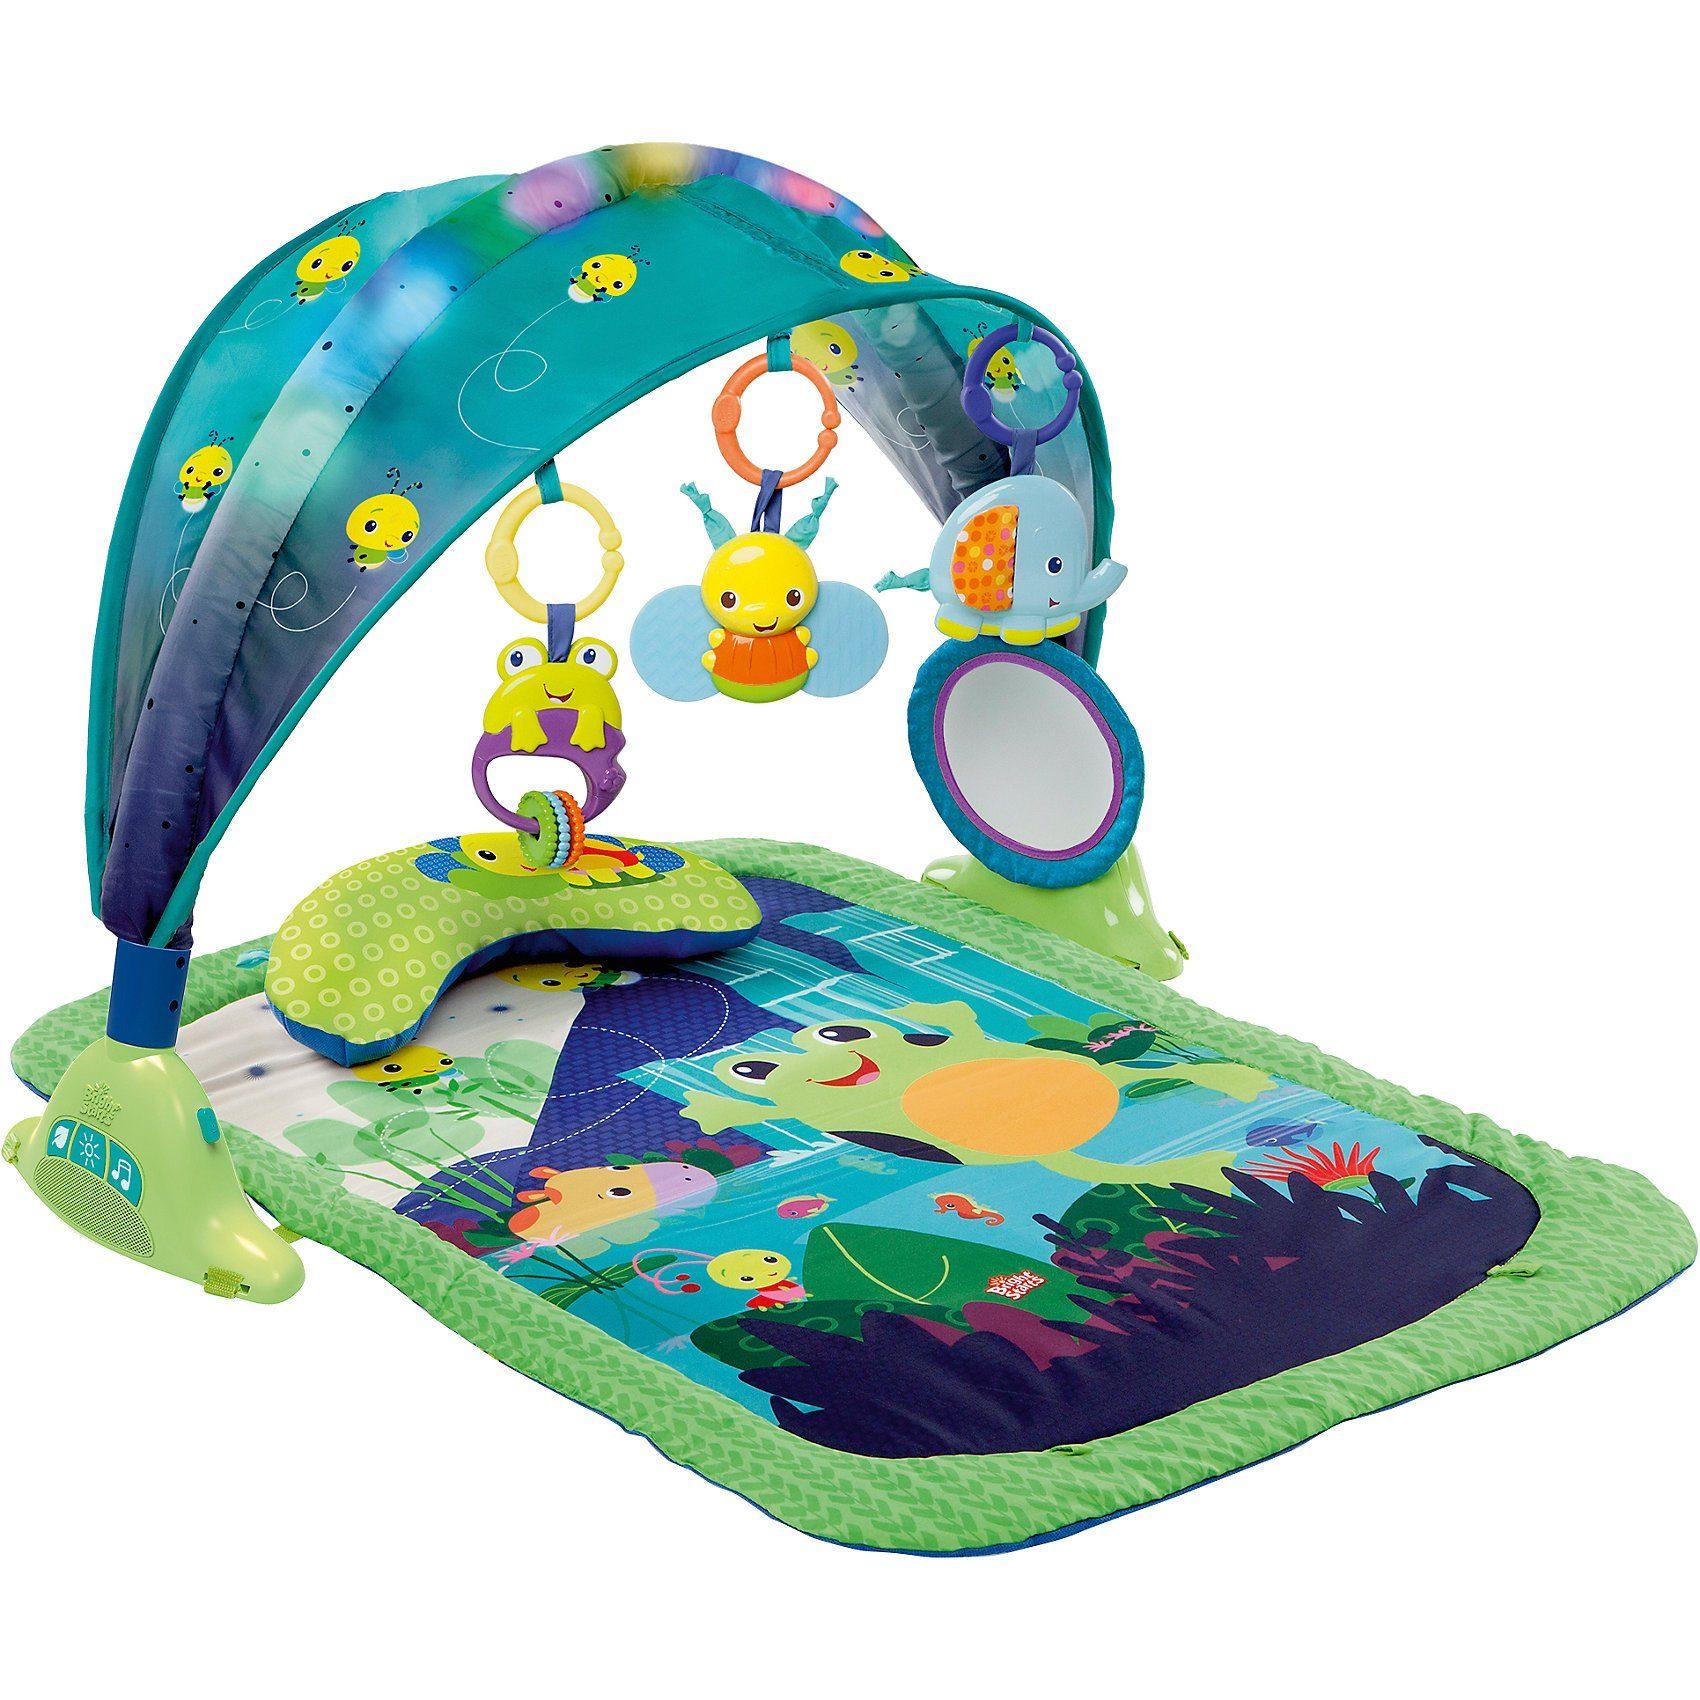 Kids II Bright Starts Spieldecke mit Baldachin (mit Licht und Musik)